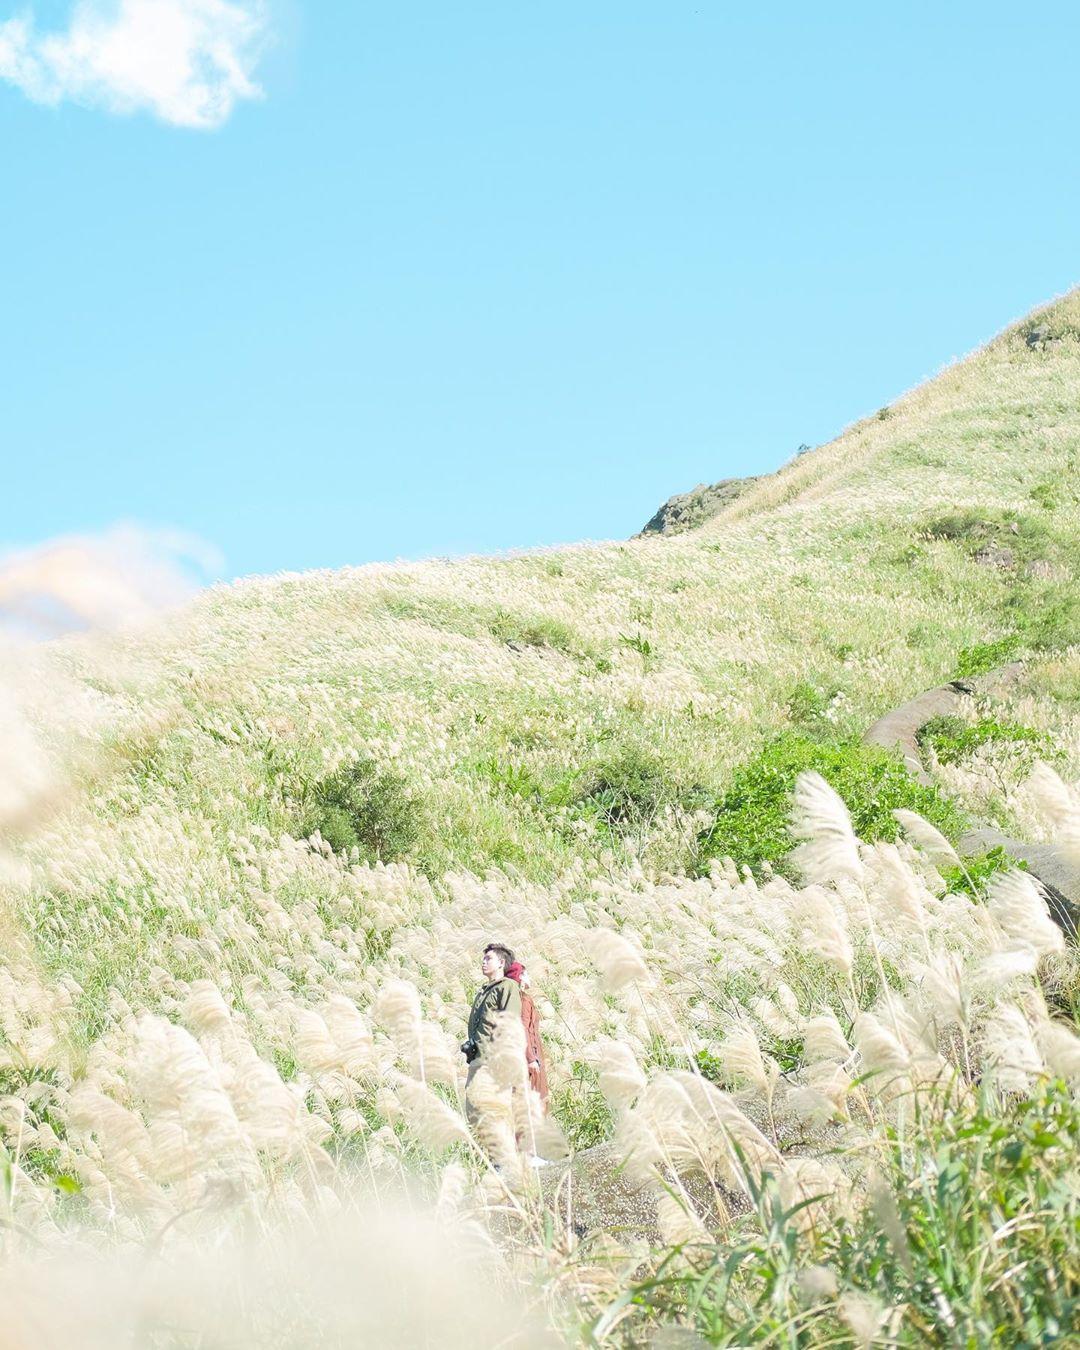 ▲2021國慶連假玩法推薦-金瓜石地質公園。(圖/gg_______1, Instagram)